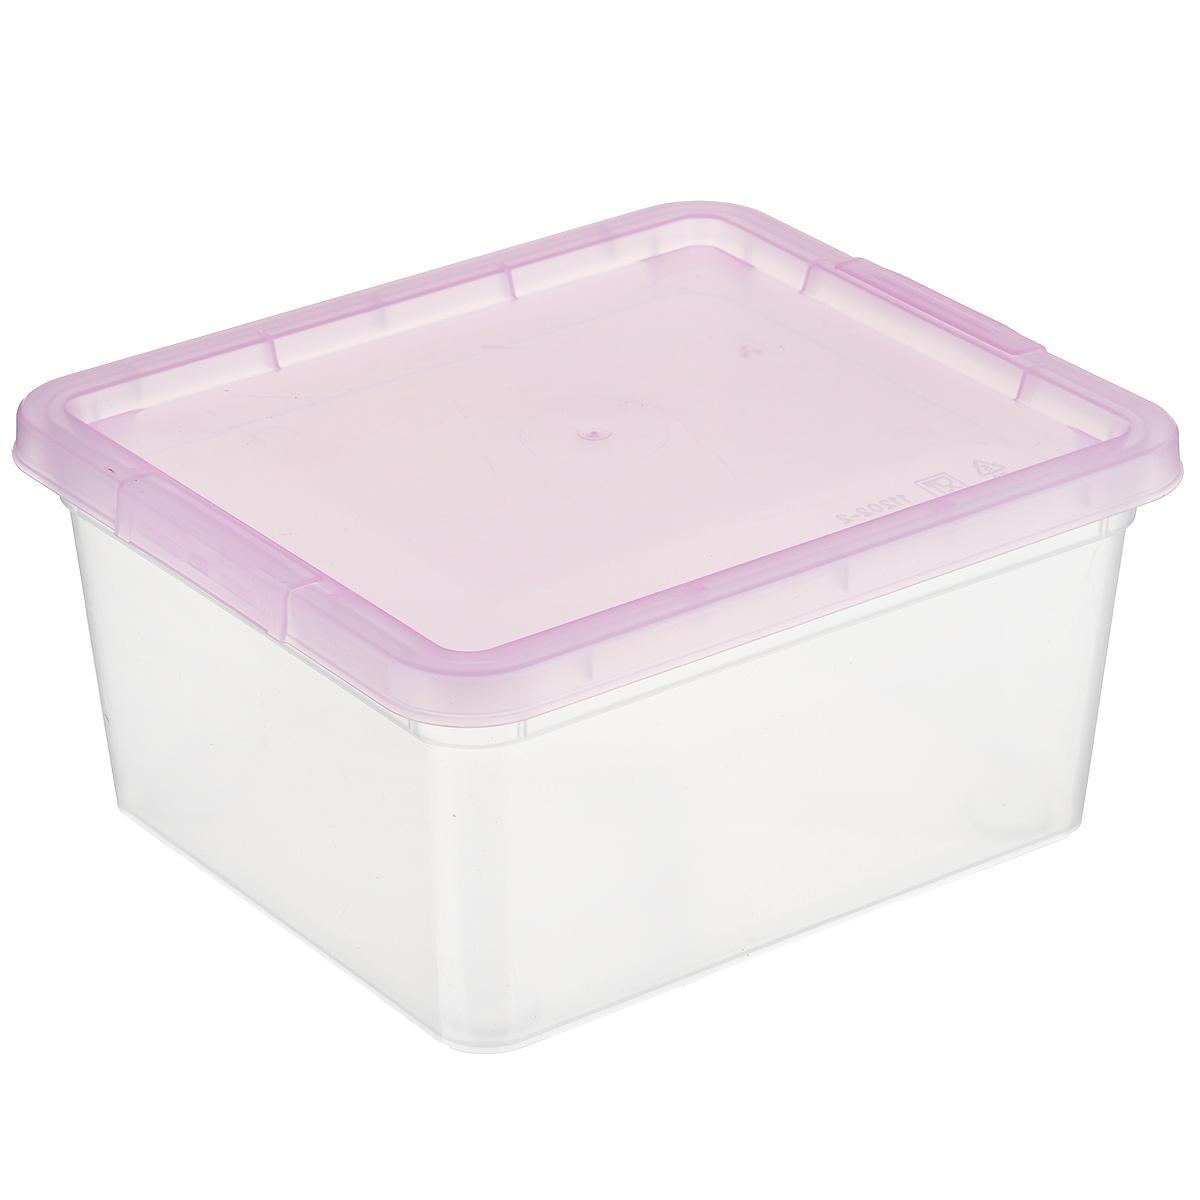 Коробка для мелочей Полимербыт, цвет: розовый, 1,9 лRG-D31SКоробка для мелочей Полимербыт изготовлена из прочного пластика. Стенки изделия прозрачные, что позволяет видеть содержимое. Цветная полупрозрачная крышка плотно закрывается и легко открывается. Коробка идеально подходит для хранения различных мелких бытовых предметов, таких как канцелярские принадлежности, аксессуары для рукоделия и т.д. Такая коробка сохранит все мелкие предметы в одном месте и поможет поддерживать в доме порядок.